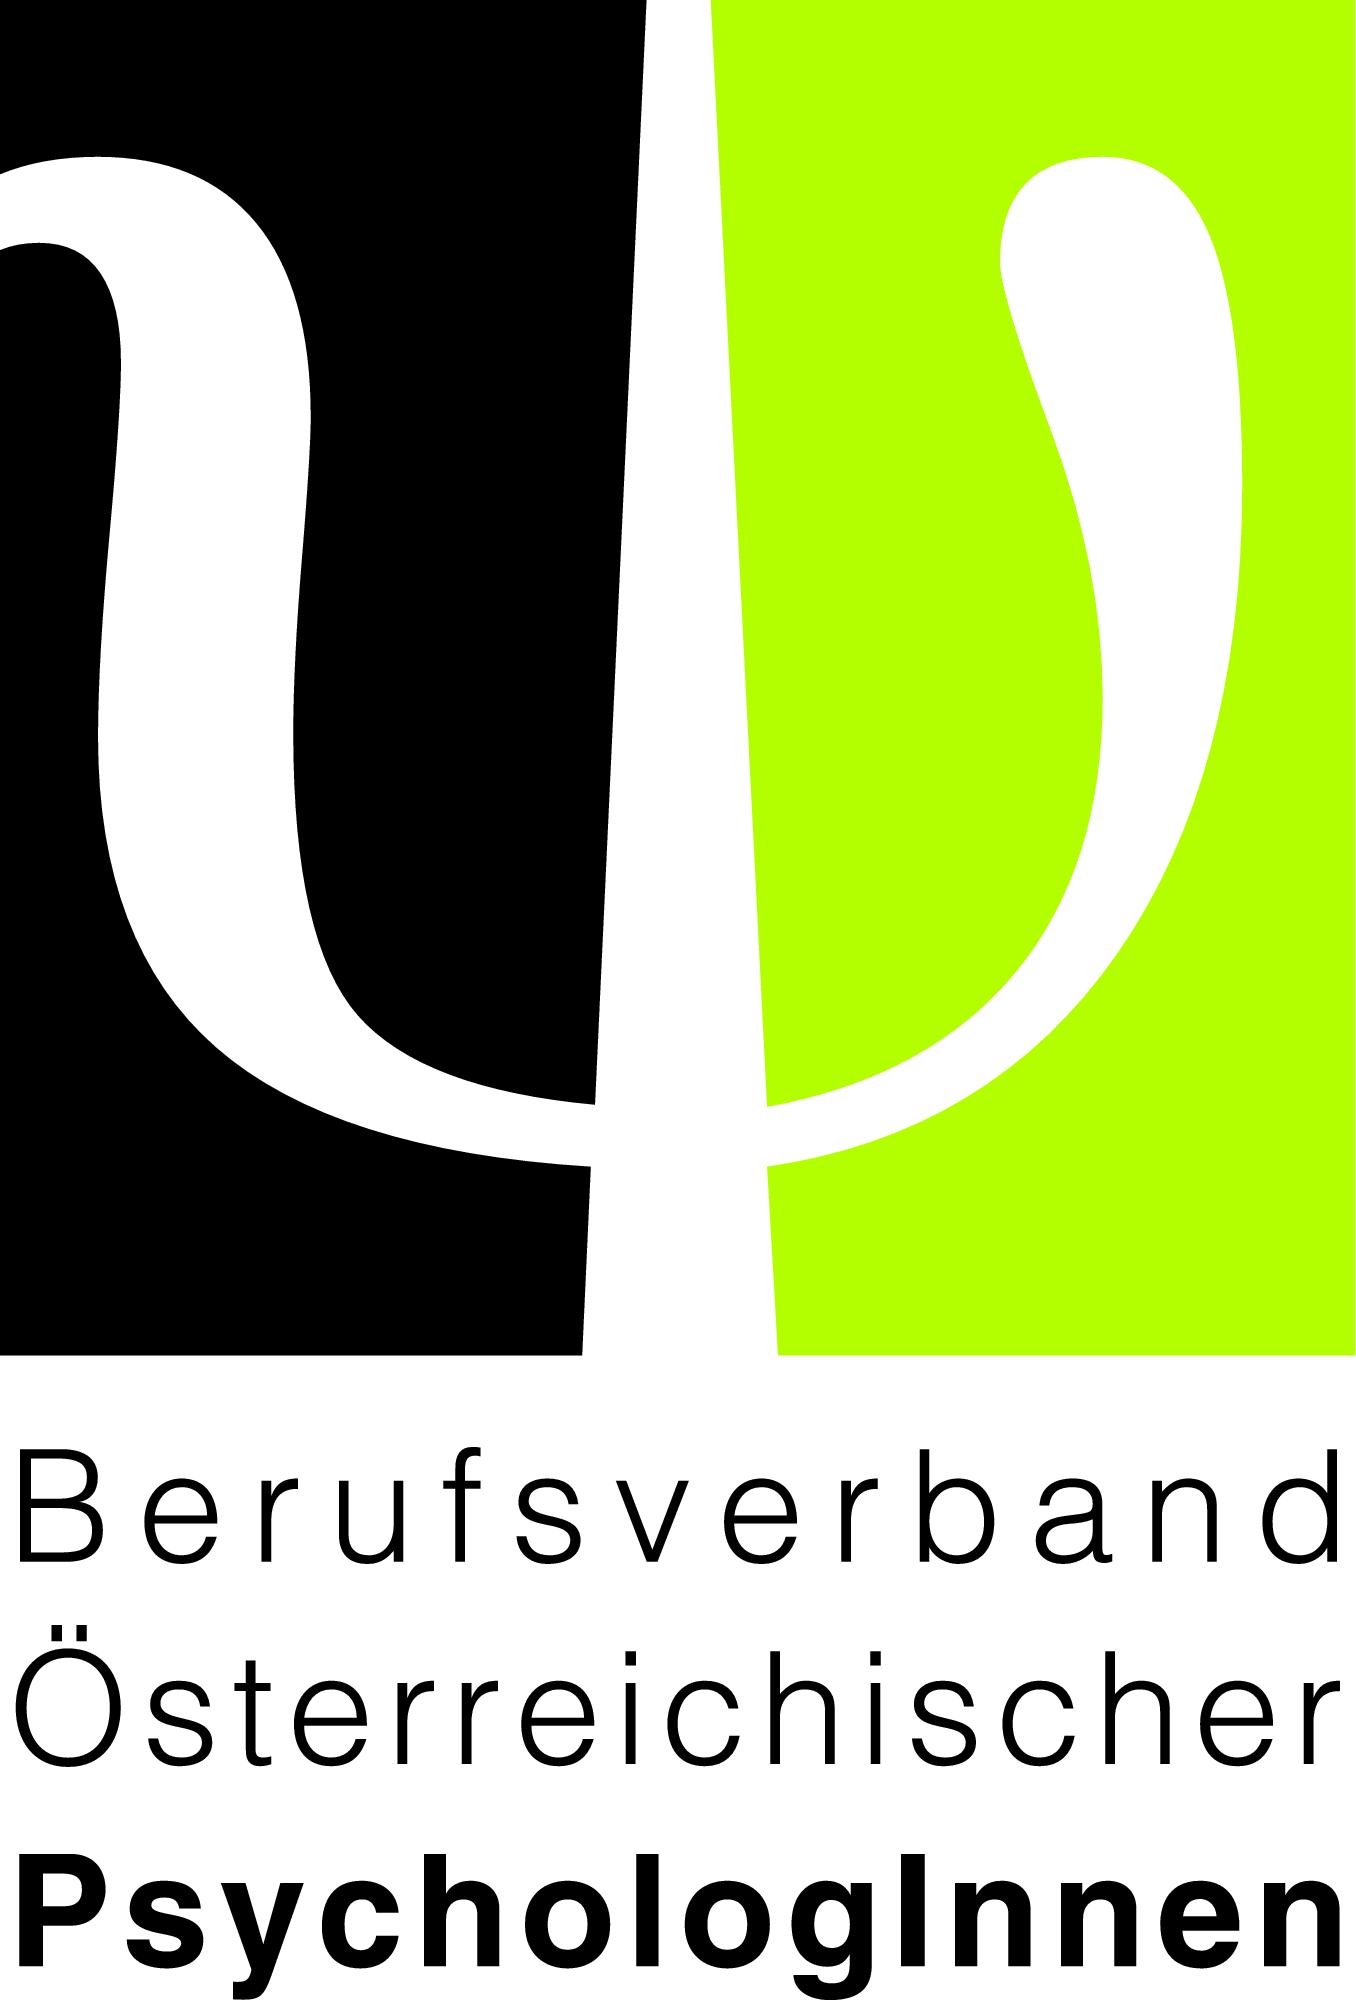 BOEP_Logo_4c_cmyk_300dpi_